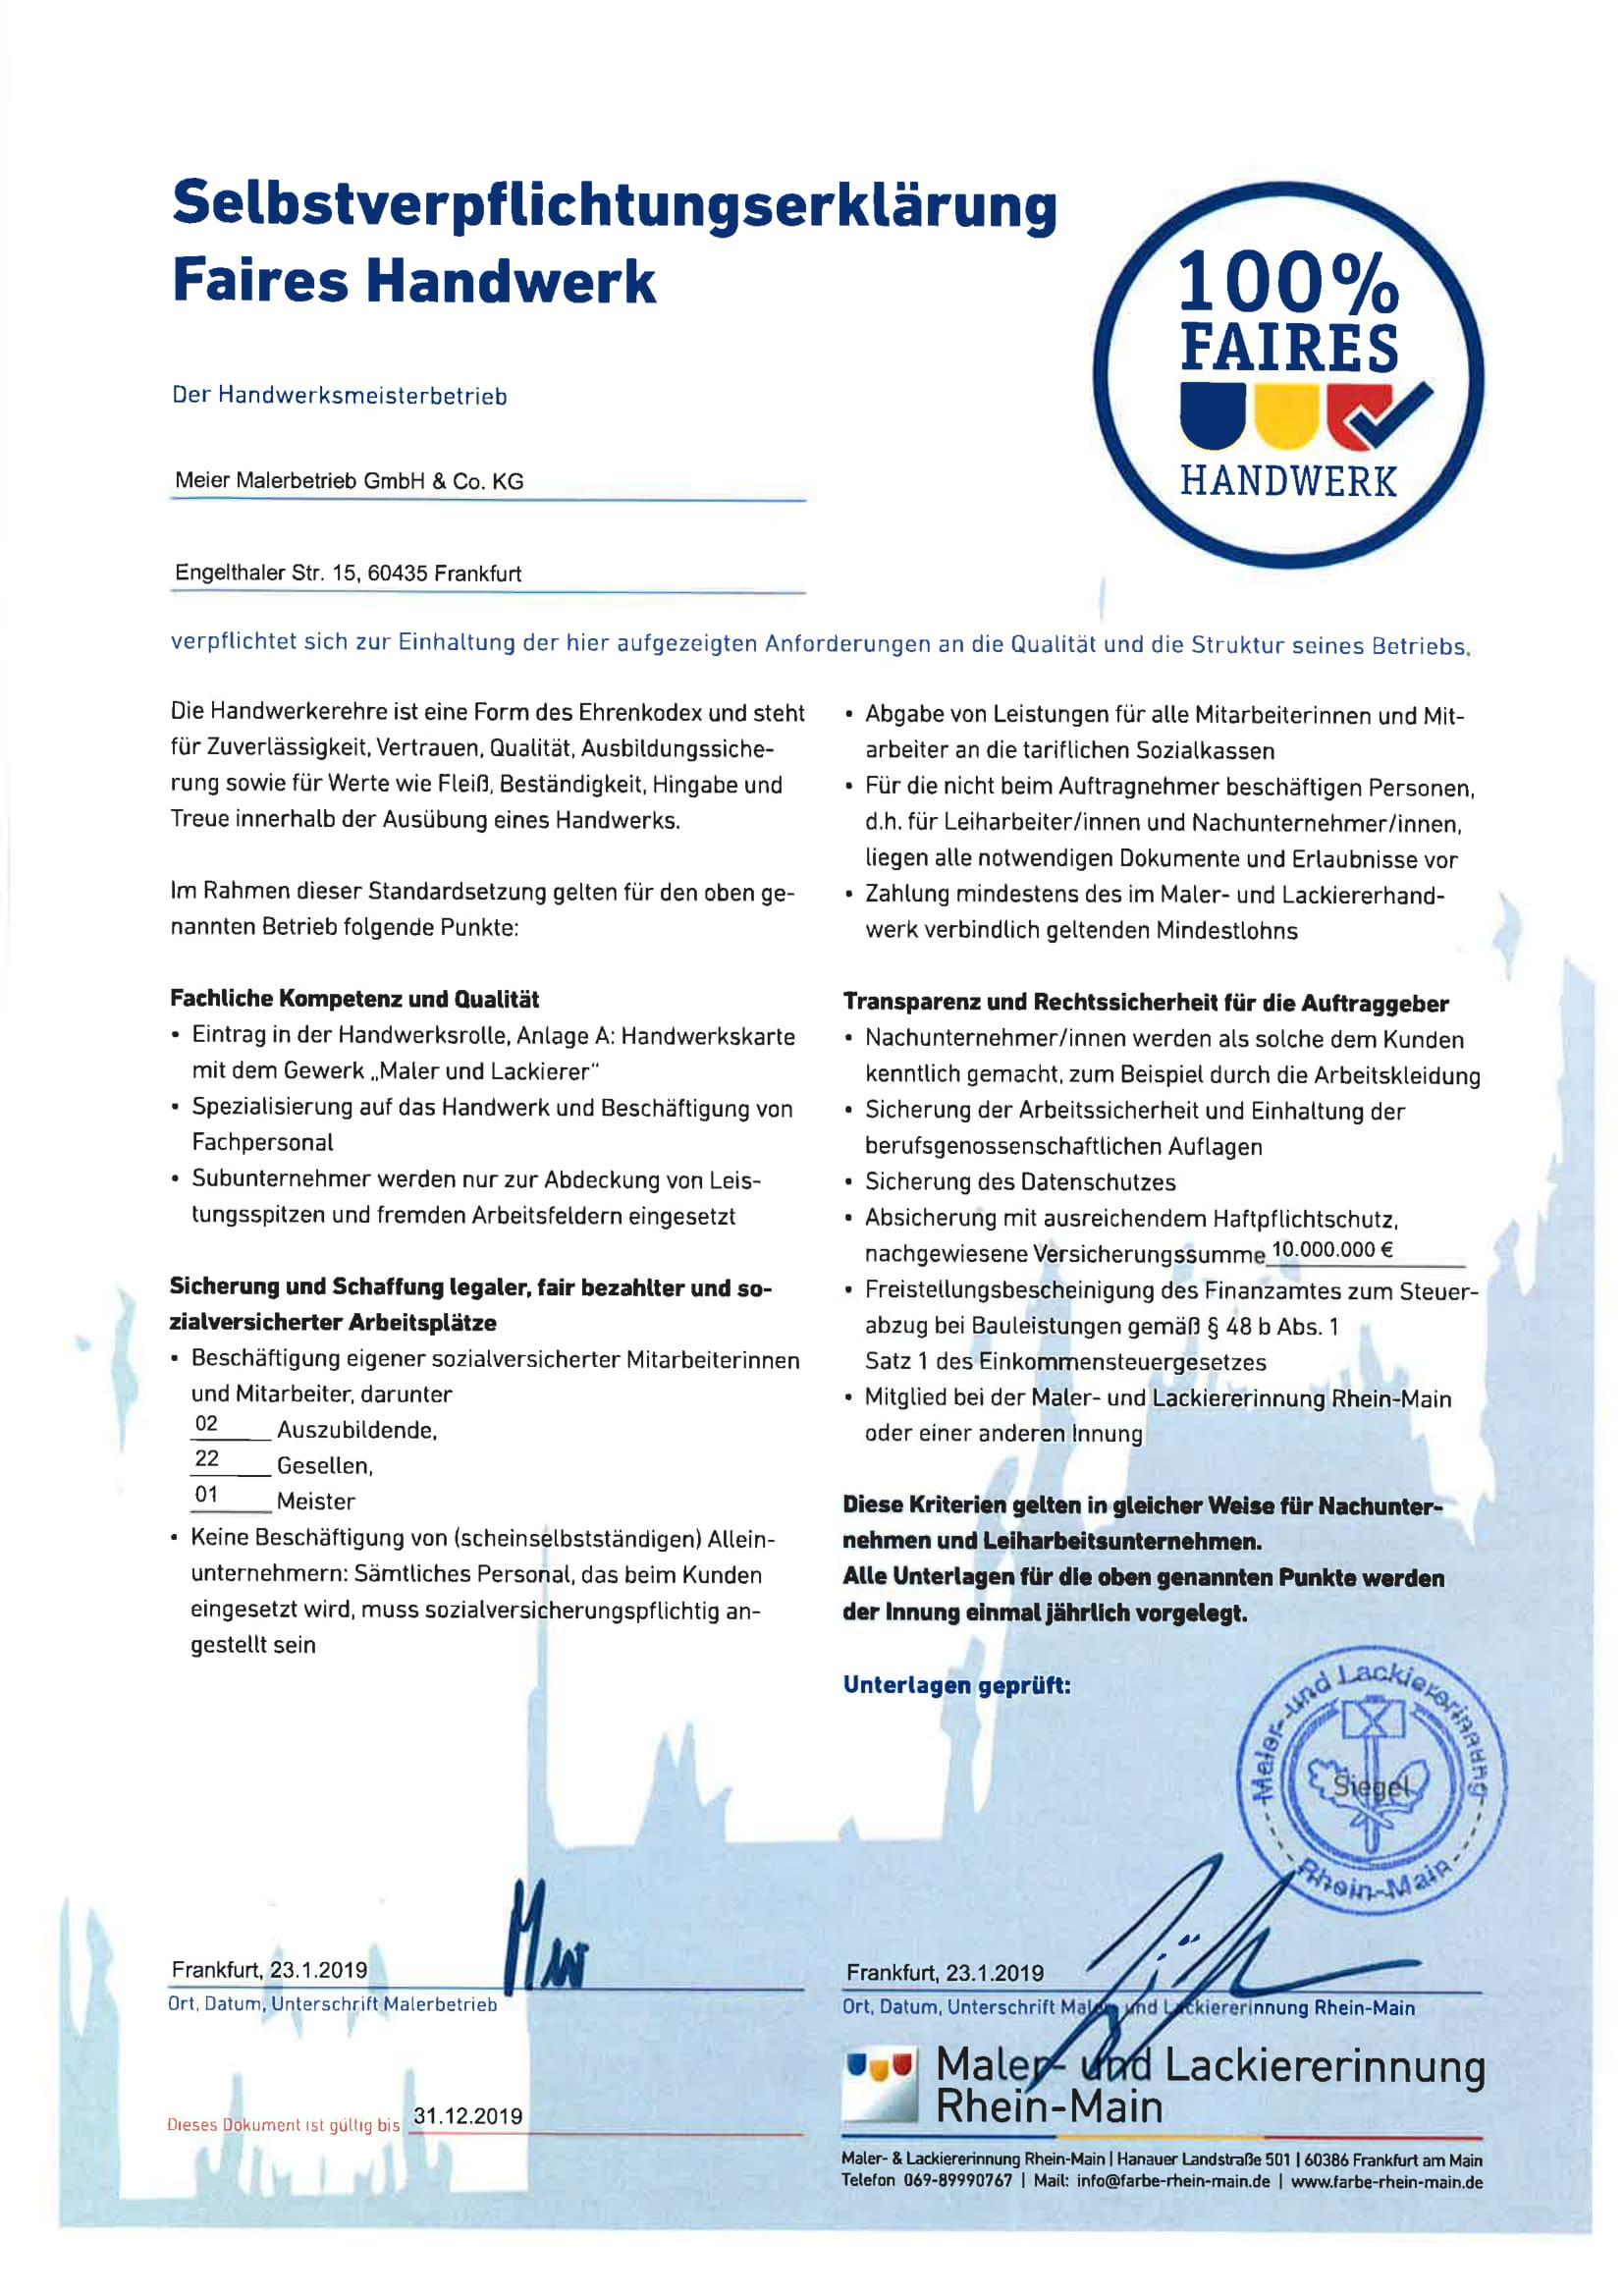 Selbstverpflichtungserklärung_A4_Meier_Malerbetrieb-1